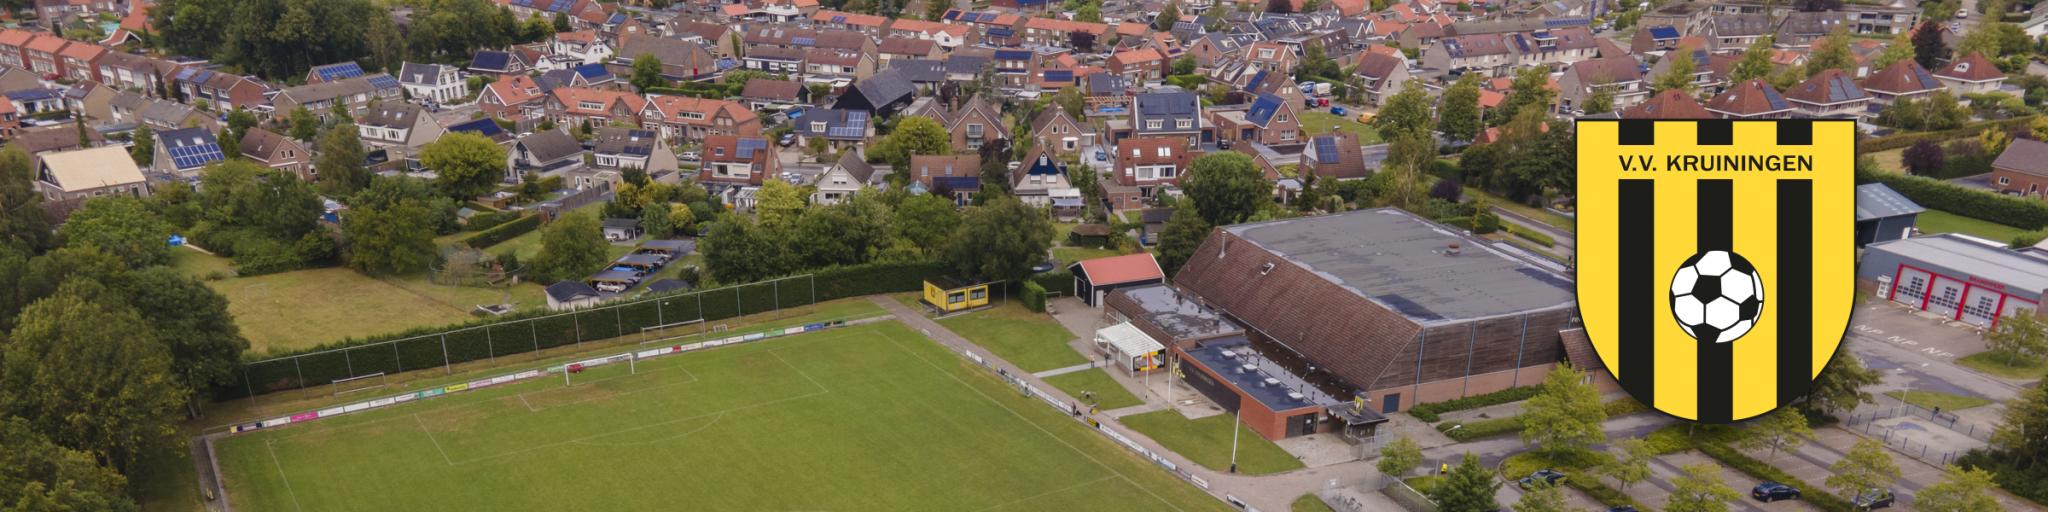 Een dronefoto van het hoofdveld van voetbalvereniging Kruiningen met het dorp Kruiningen op de achtergrond